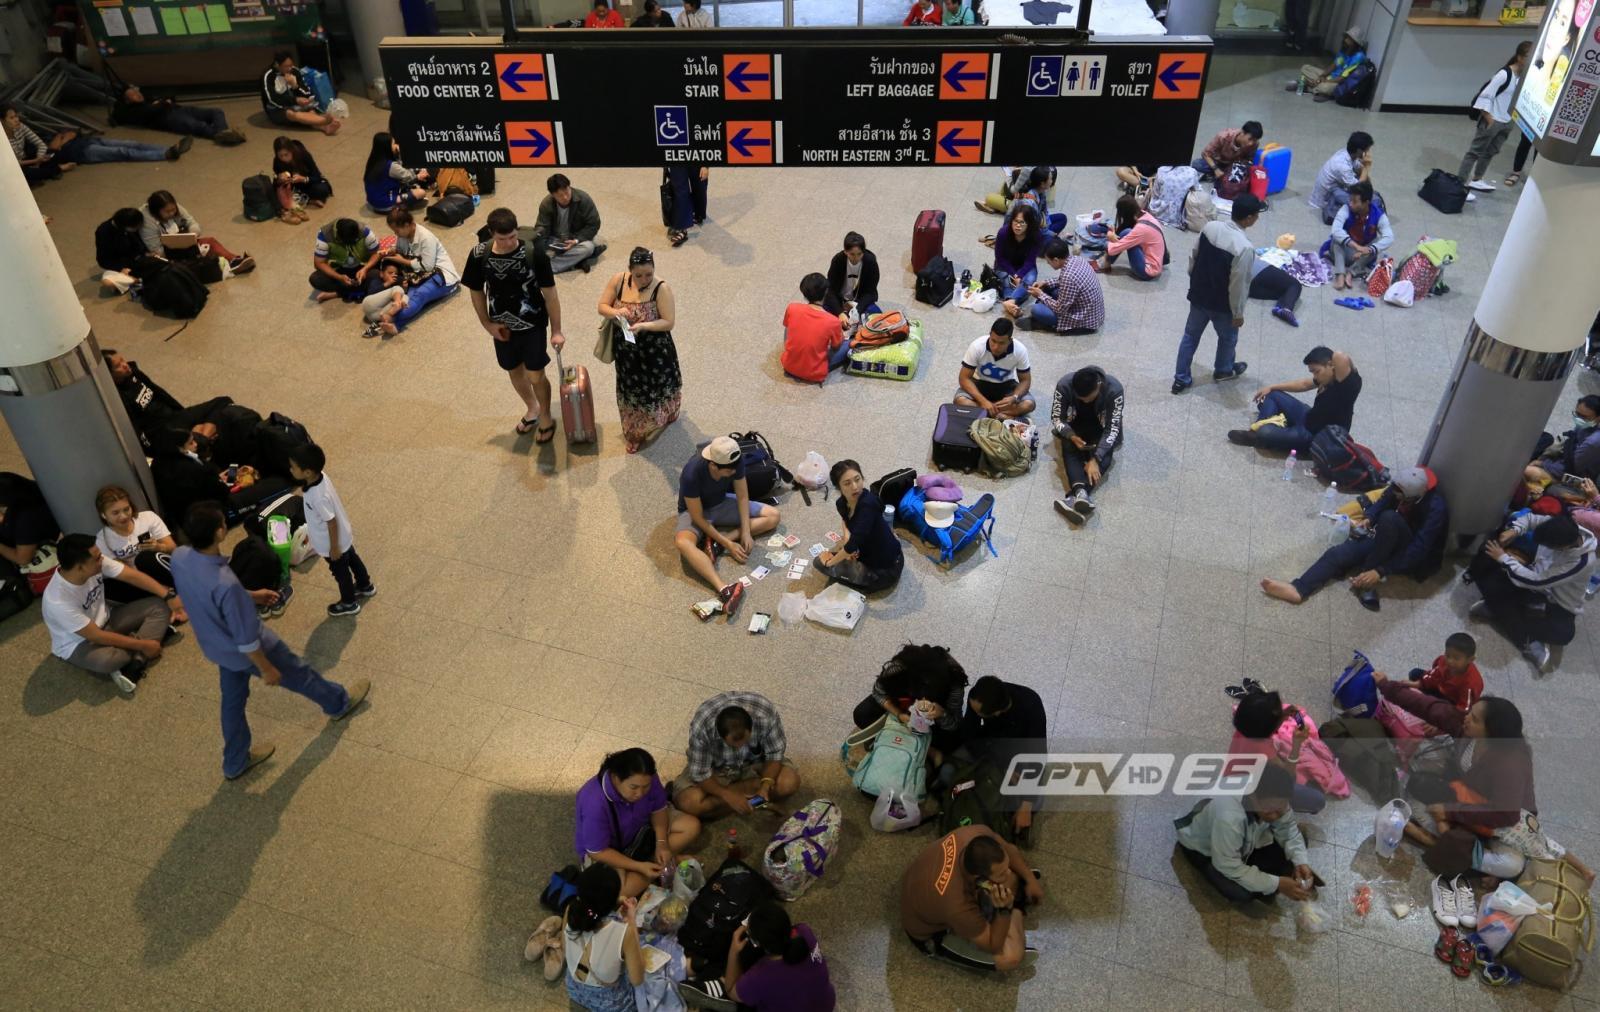 คาดประชาชนขึ้นเหนือ-อีสานรวม 3 สถานีขนส่งฯ วันนี้ราว 150,000 คน